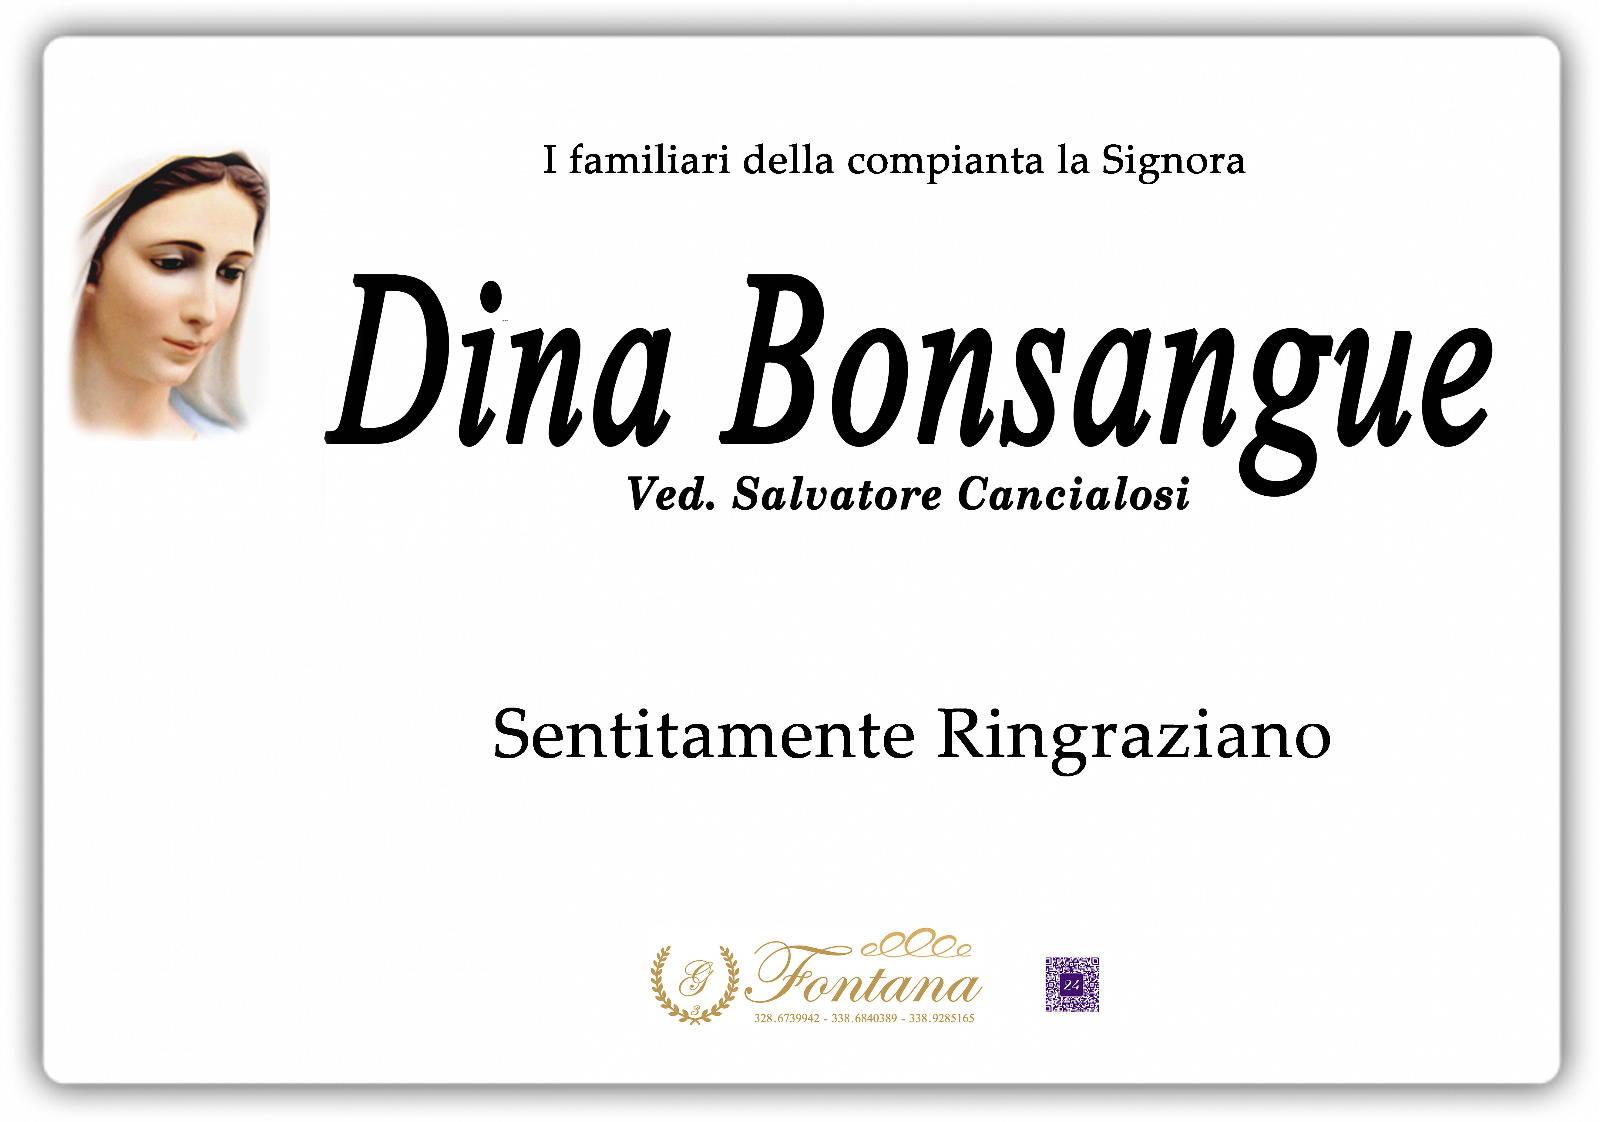 Dina Bonsangue